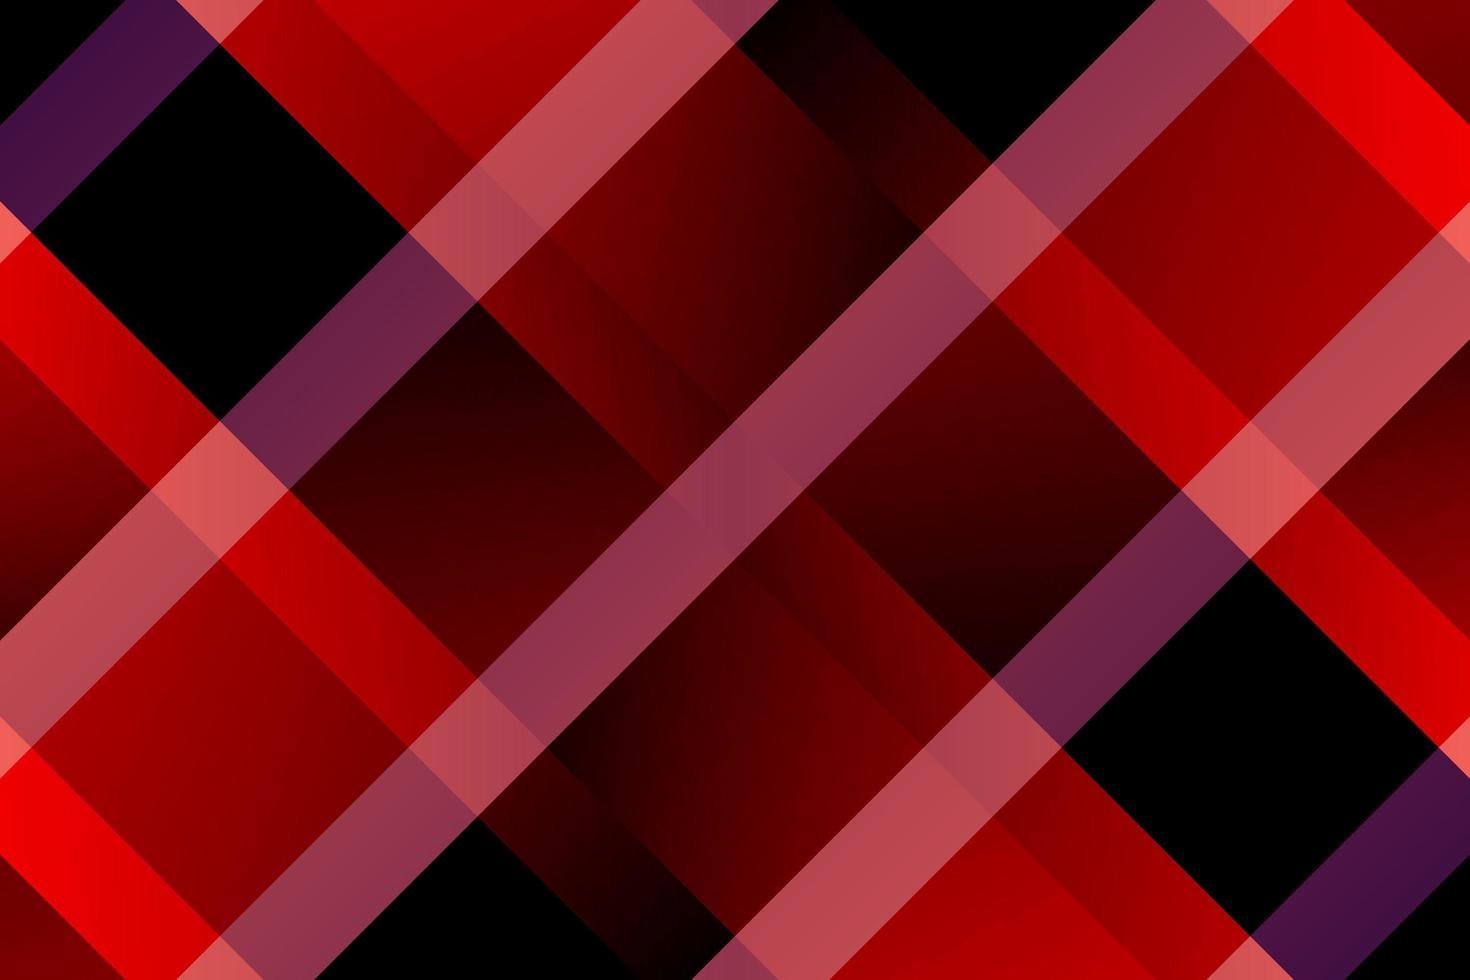 motivo scozzese con linee diagonali rosse e nere sfumate vettore